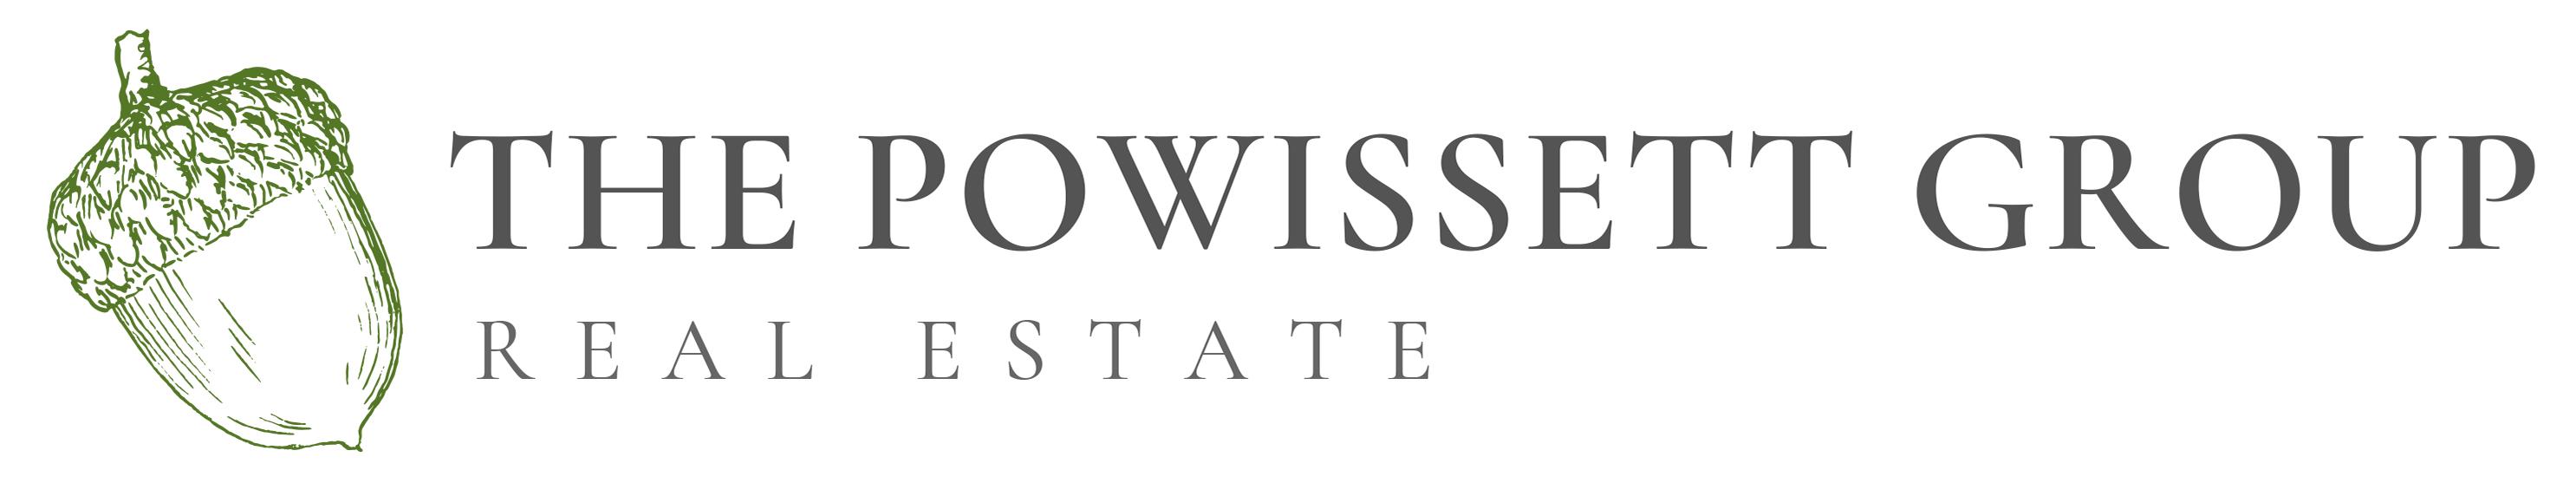 The Powissett Group